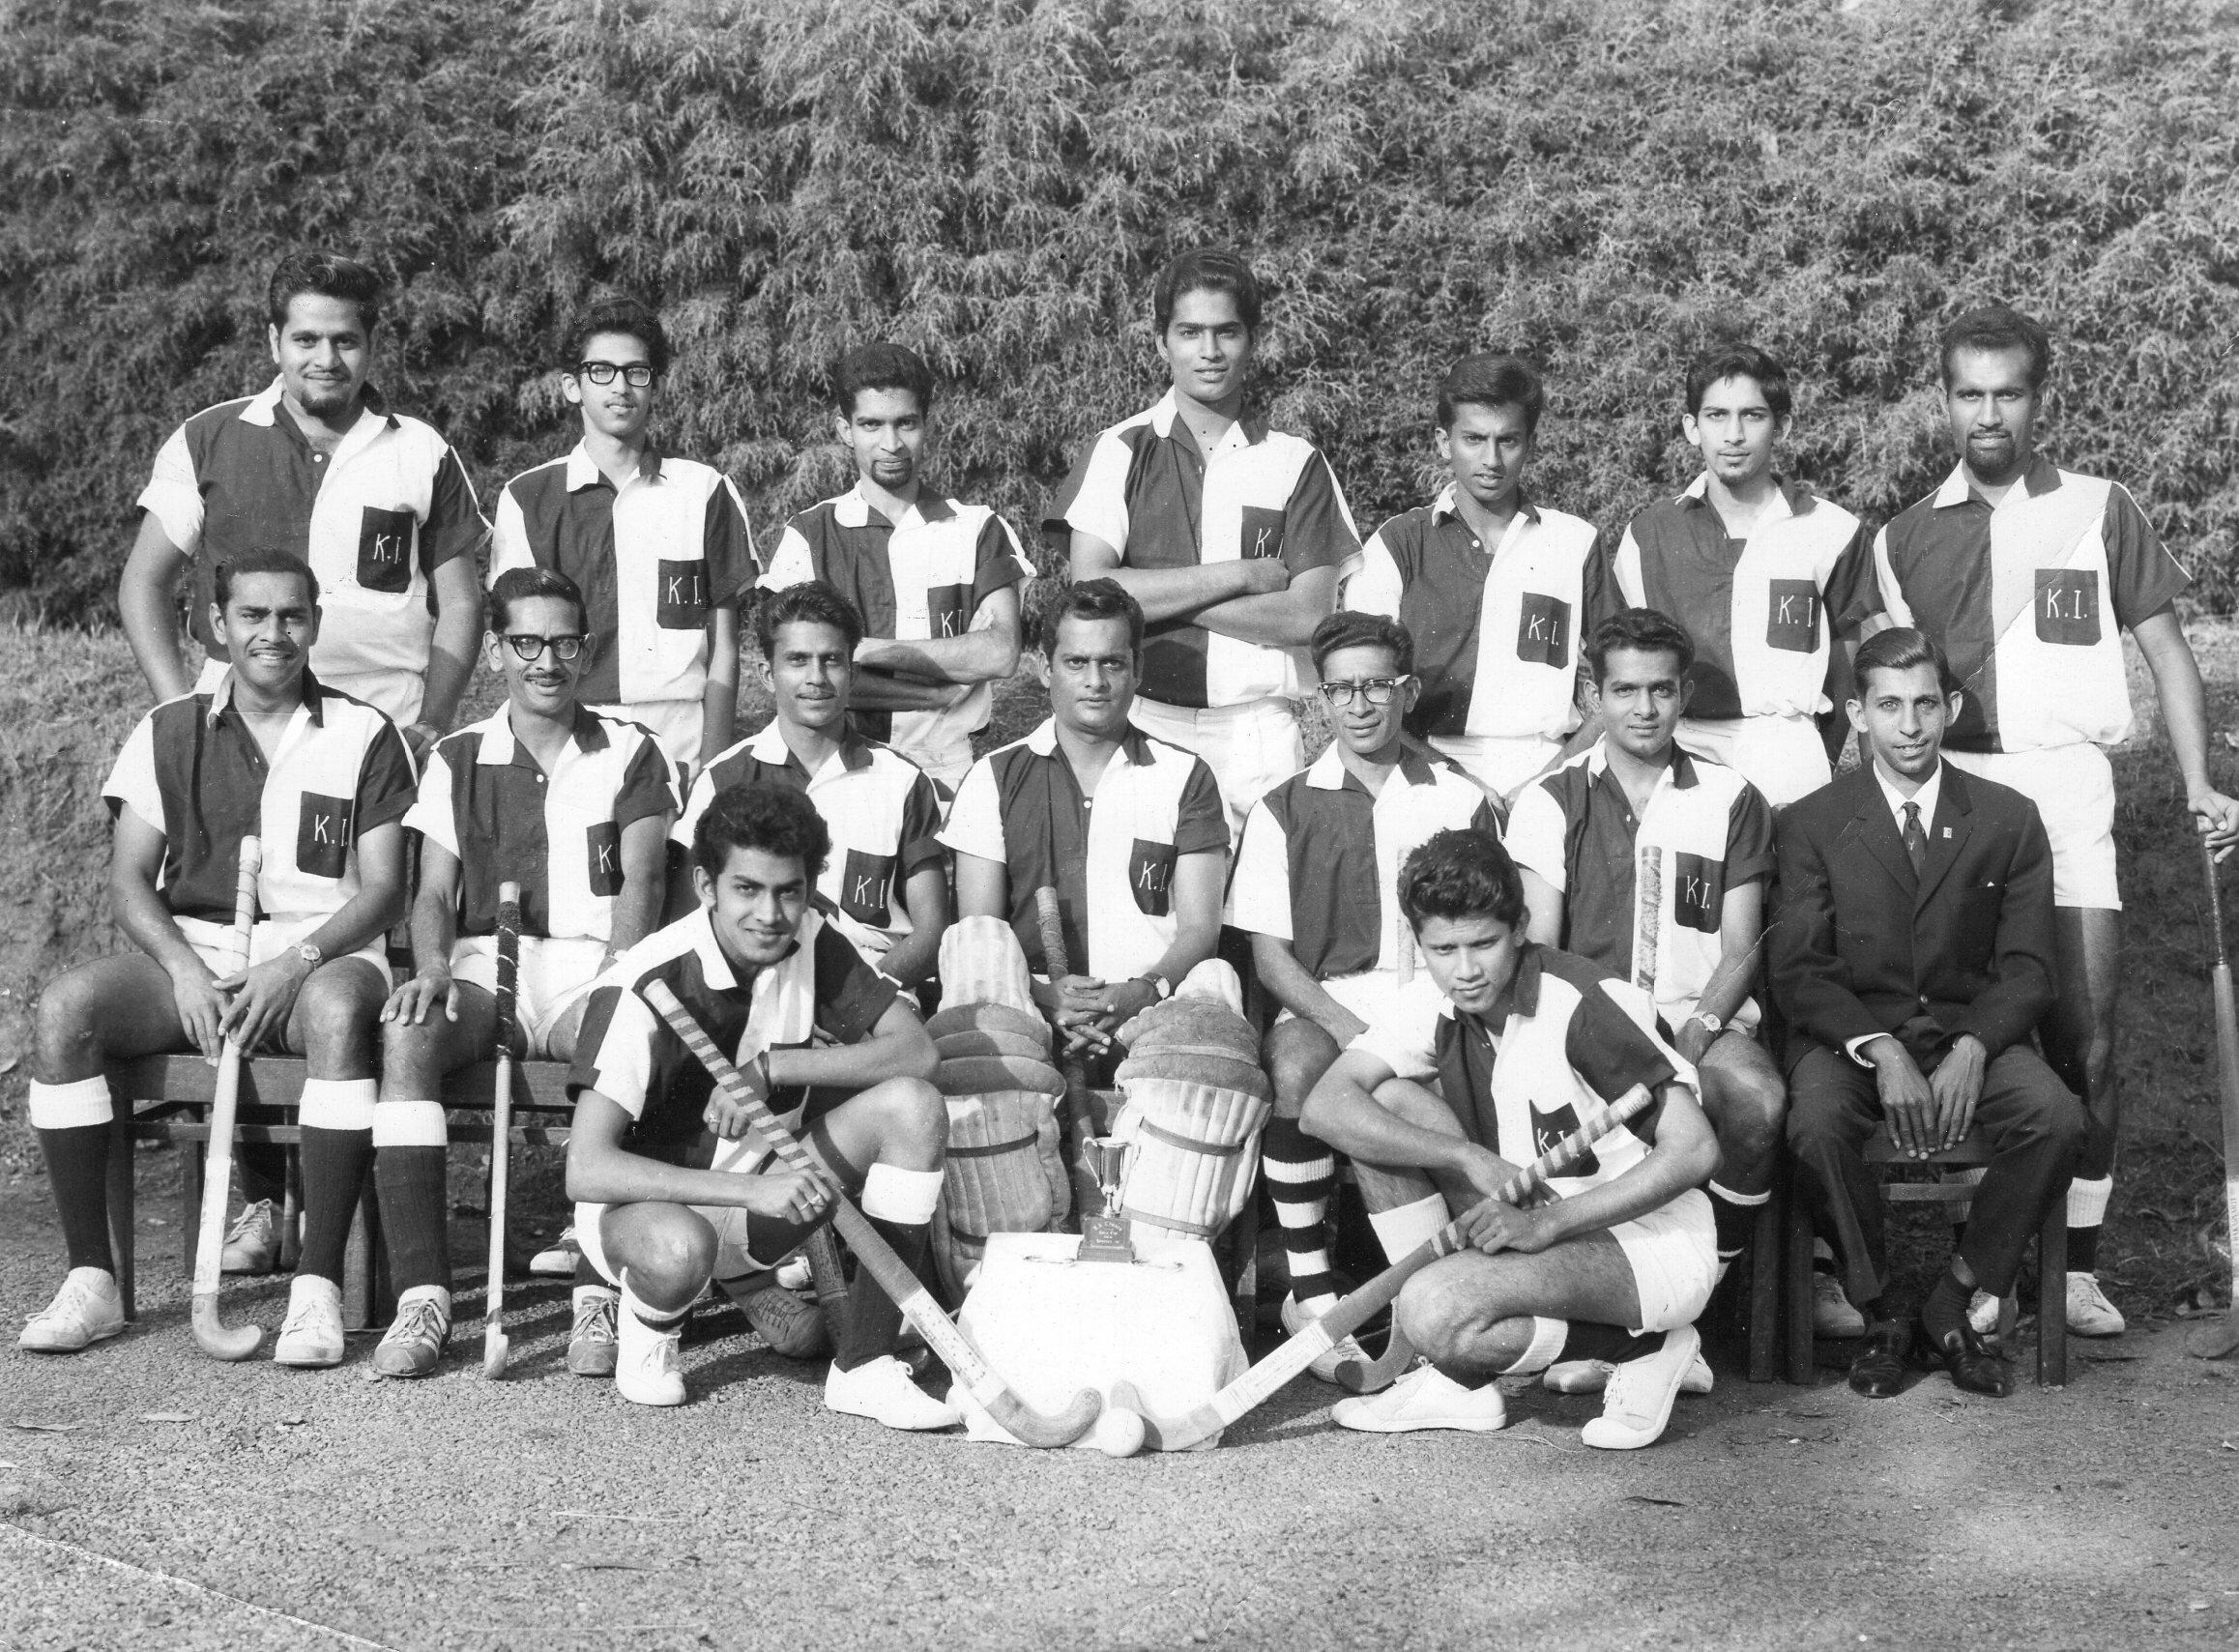 Kampala Field Hockey Team, 1967. Courtesy T. Athaide